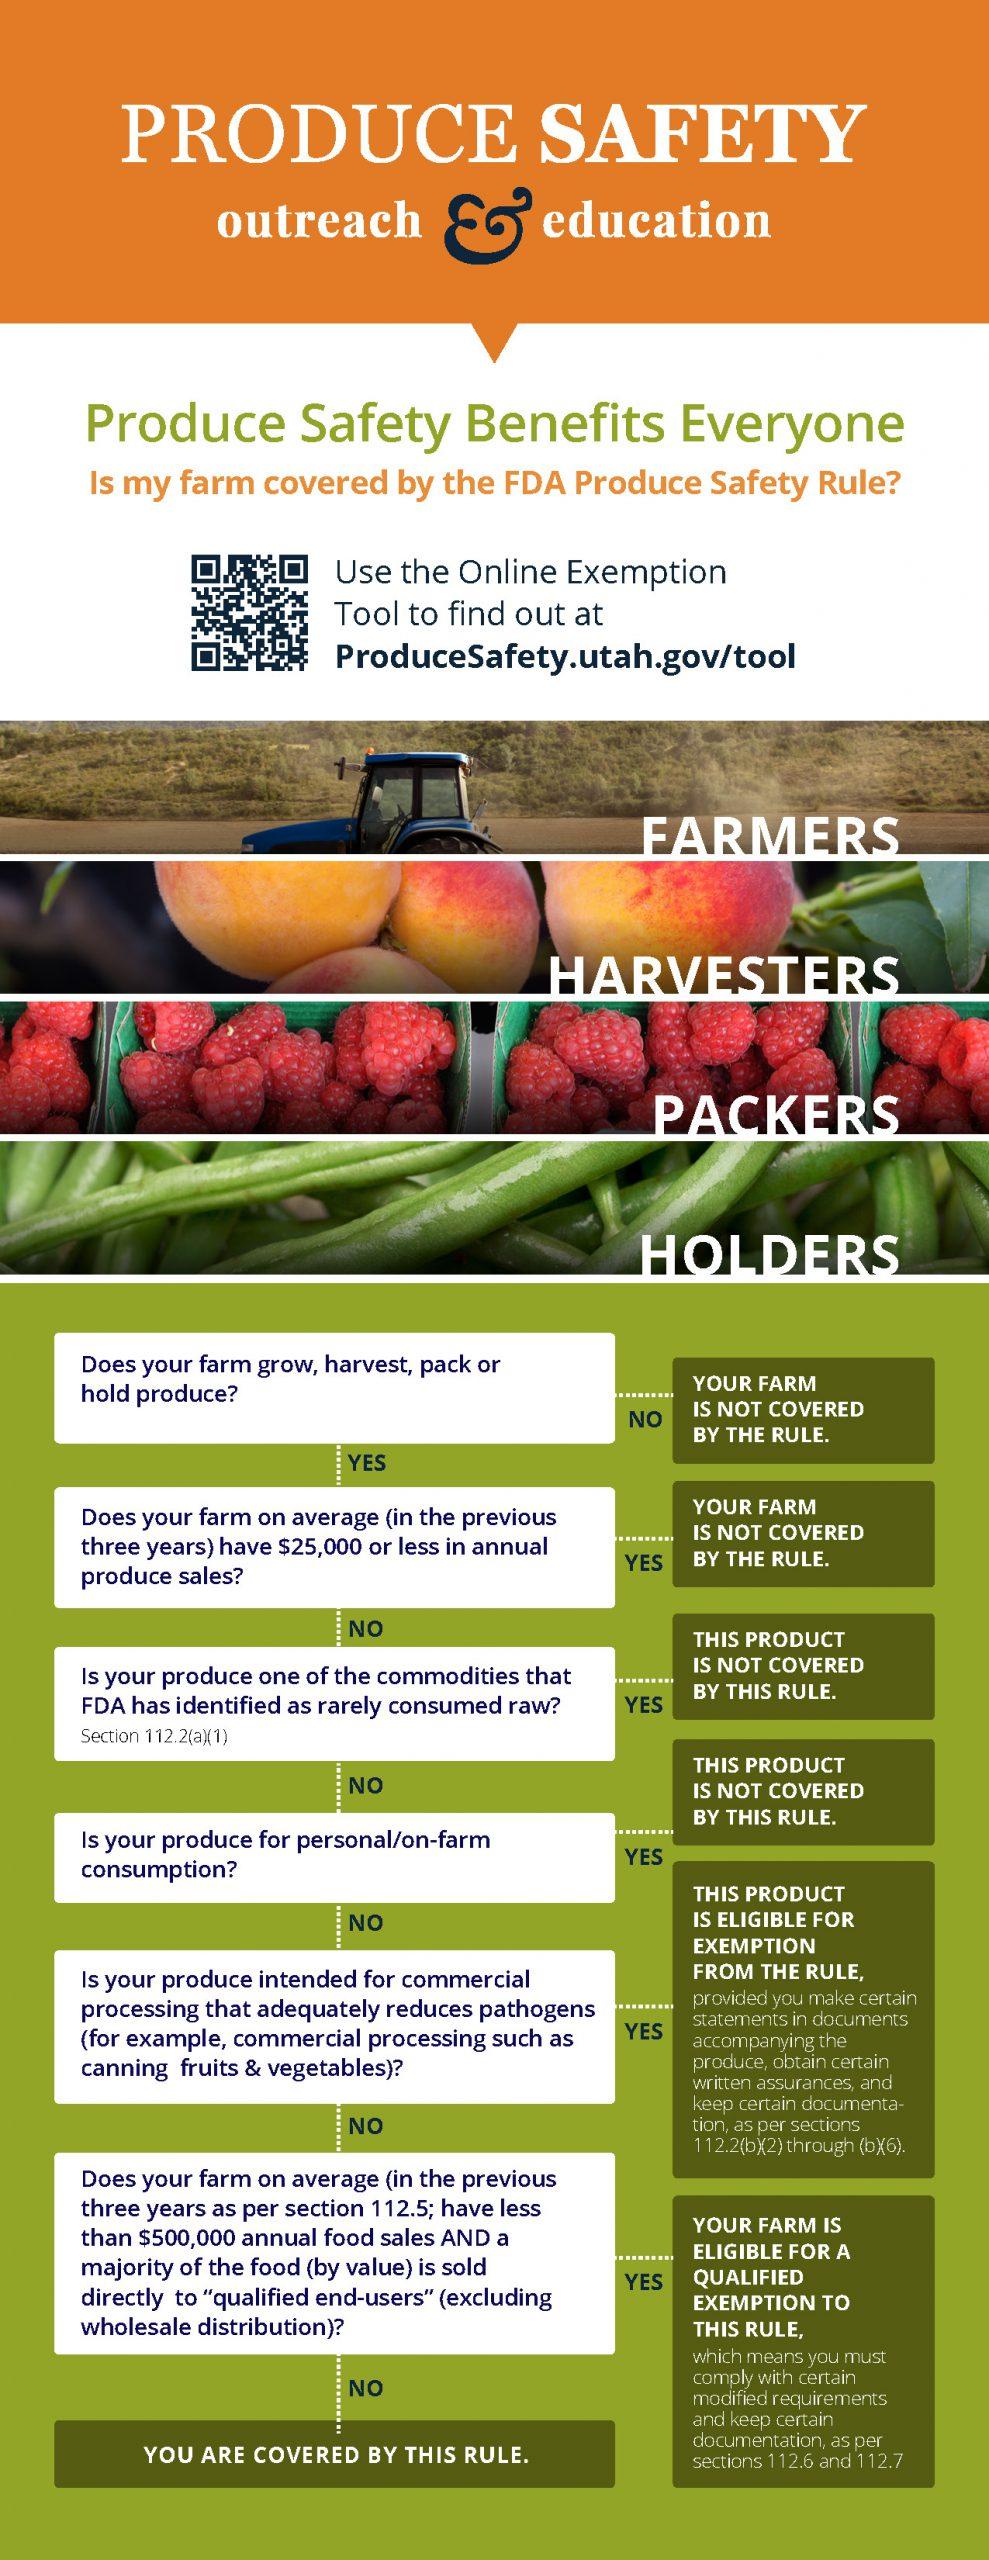 Produce Safety Brochure